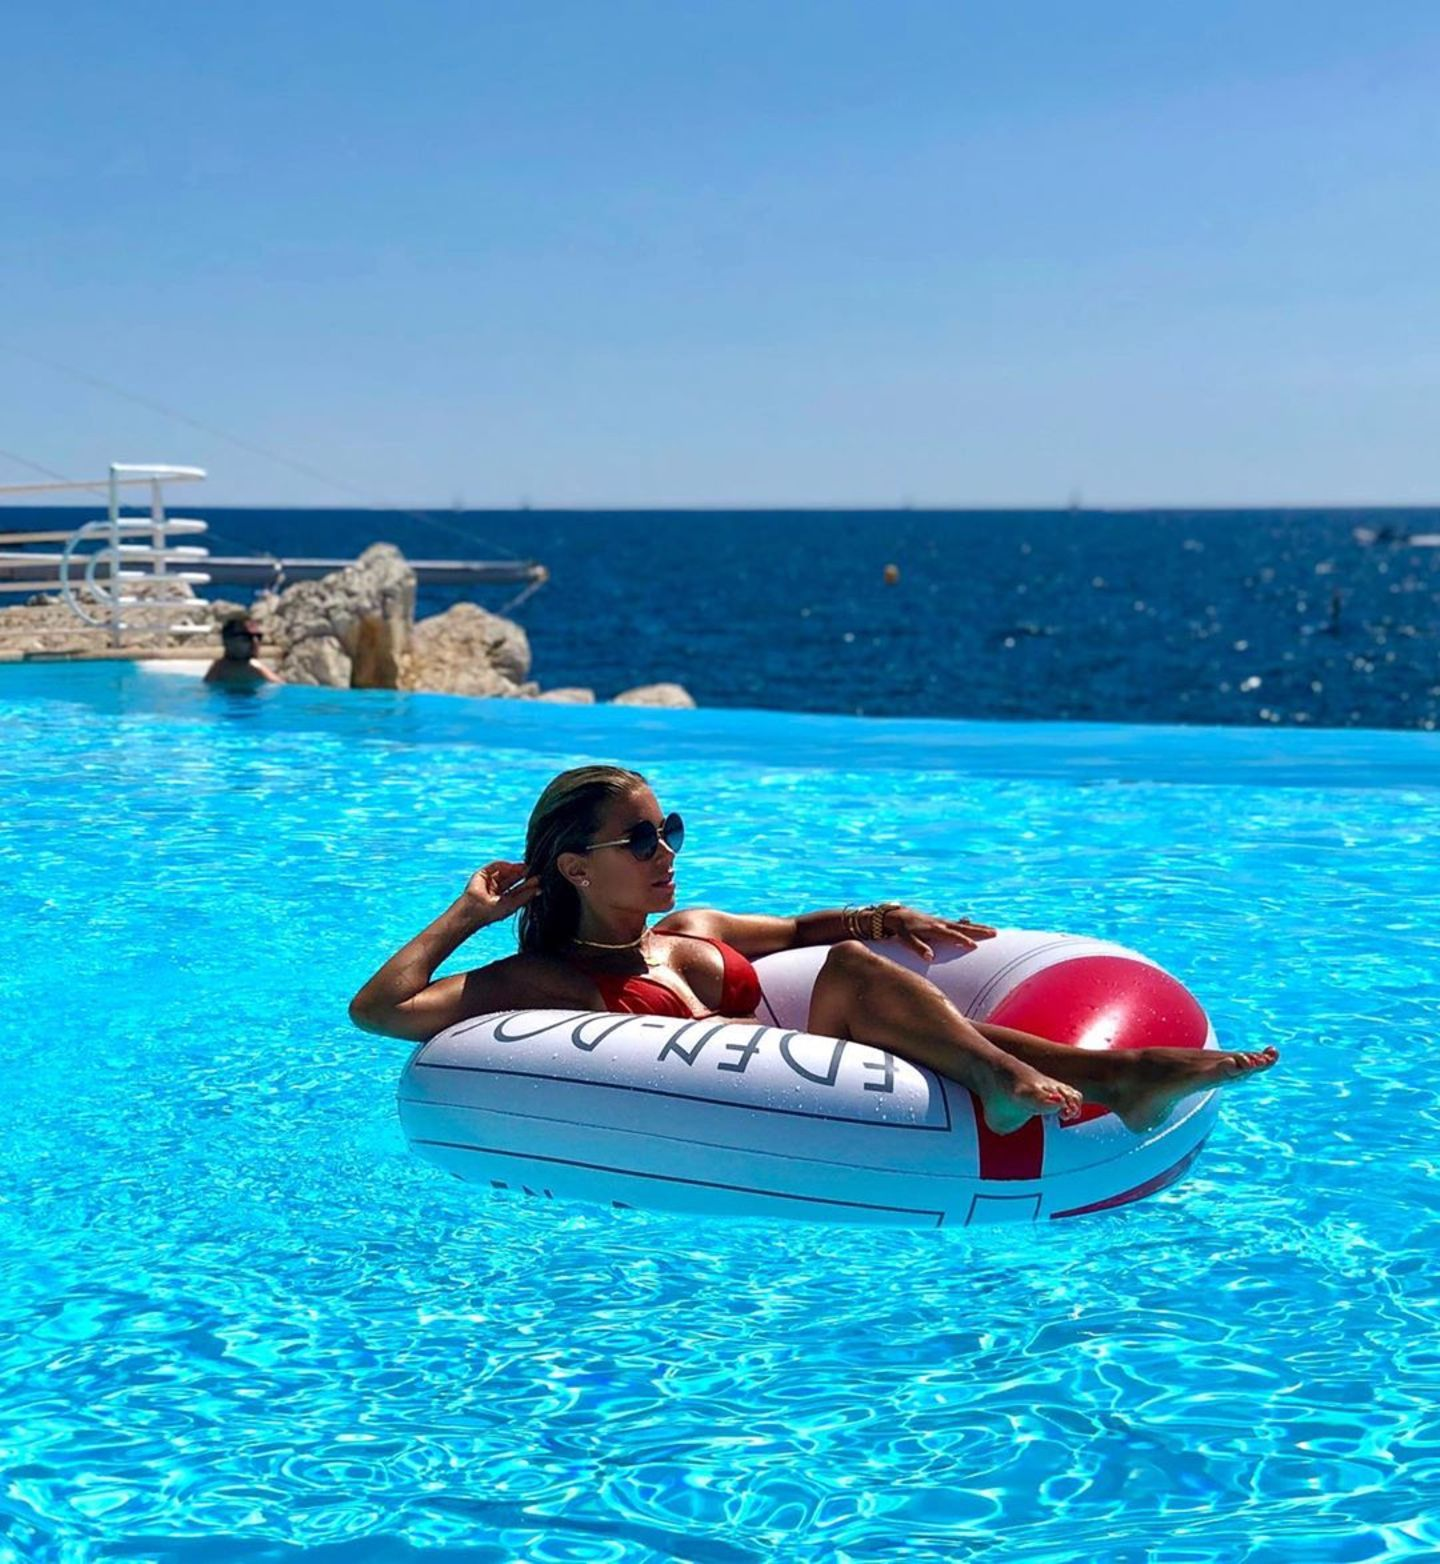 7. August 2019  Ein Traum in Blau! Ineinem großen Schwimmreifen macht es sich Sylvie Meis im Pool einesLuxus-Hotels an derCôte d'Azur gemütlich. Die perfekte Mittelmeeridylle hält ihr neuer Freund,Niclas Castello, mit diesem Schnappschuss fest und setzt seine Sylvie im Liebesurlaub natürlichauch perfekt in Szene!